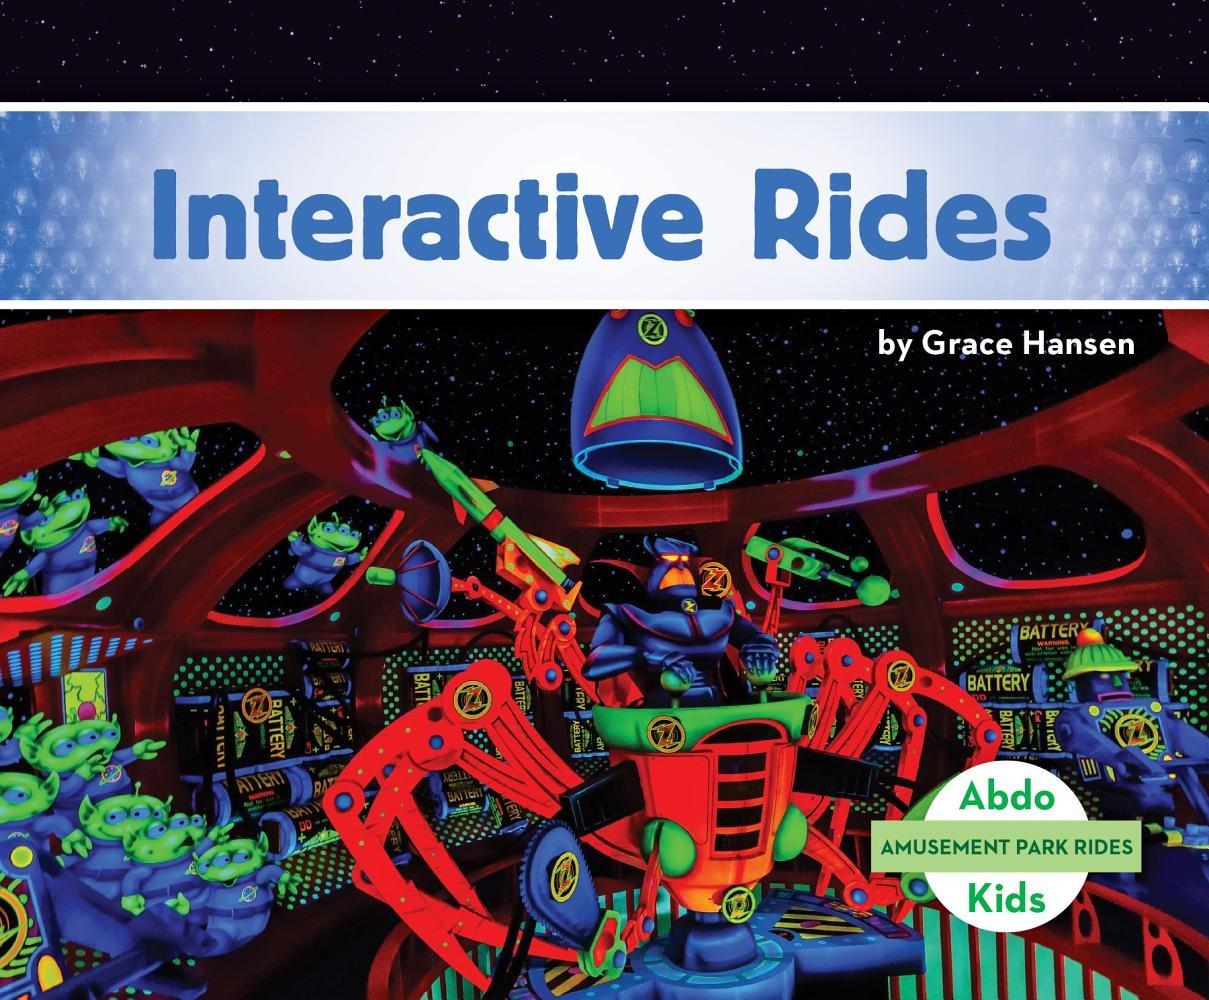 Interactive Rides (Amusement Park Rides)